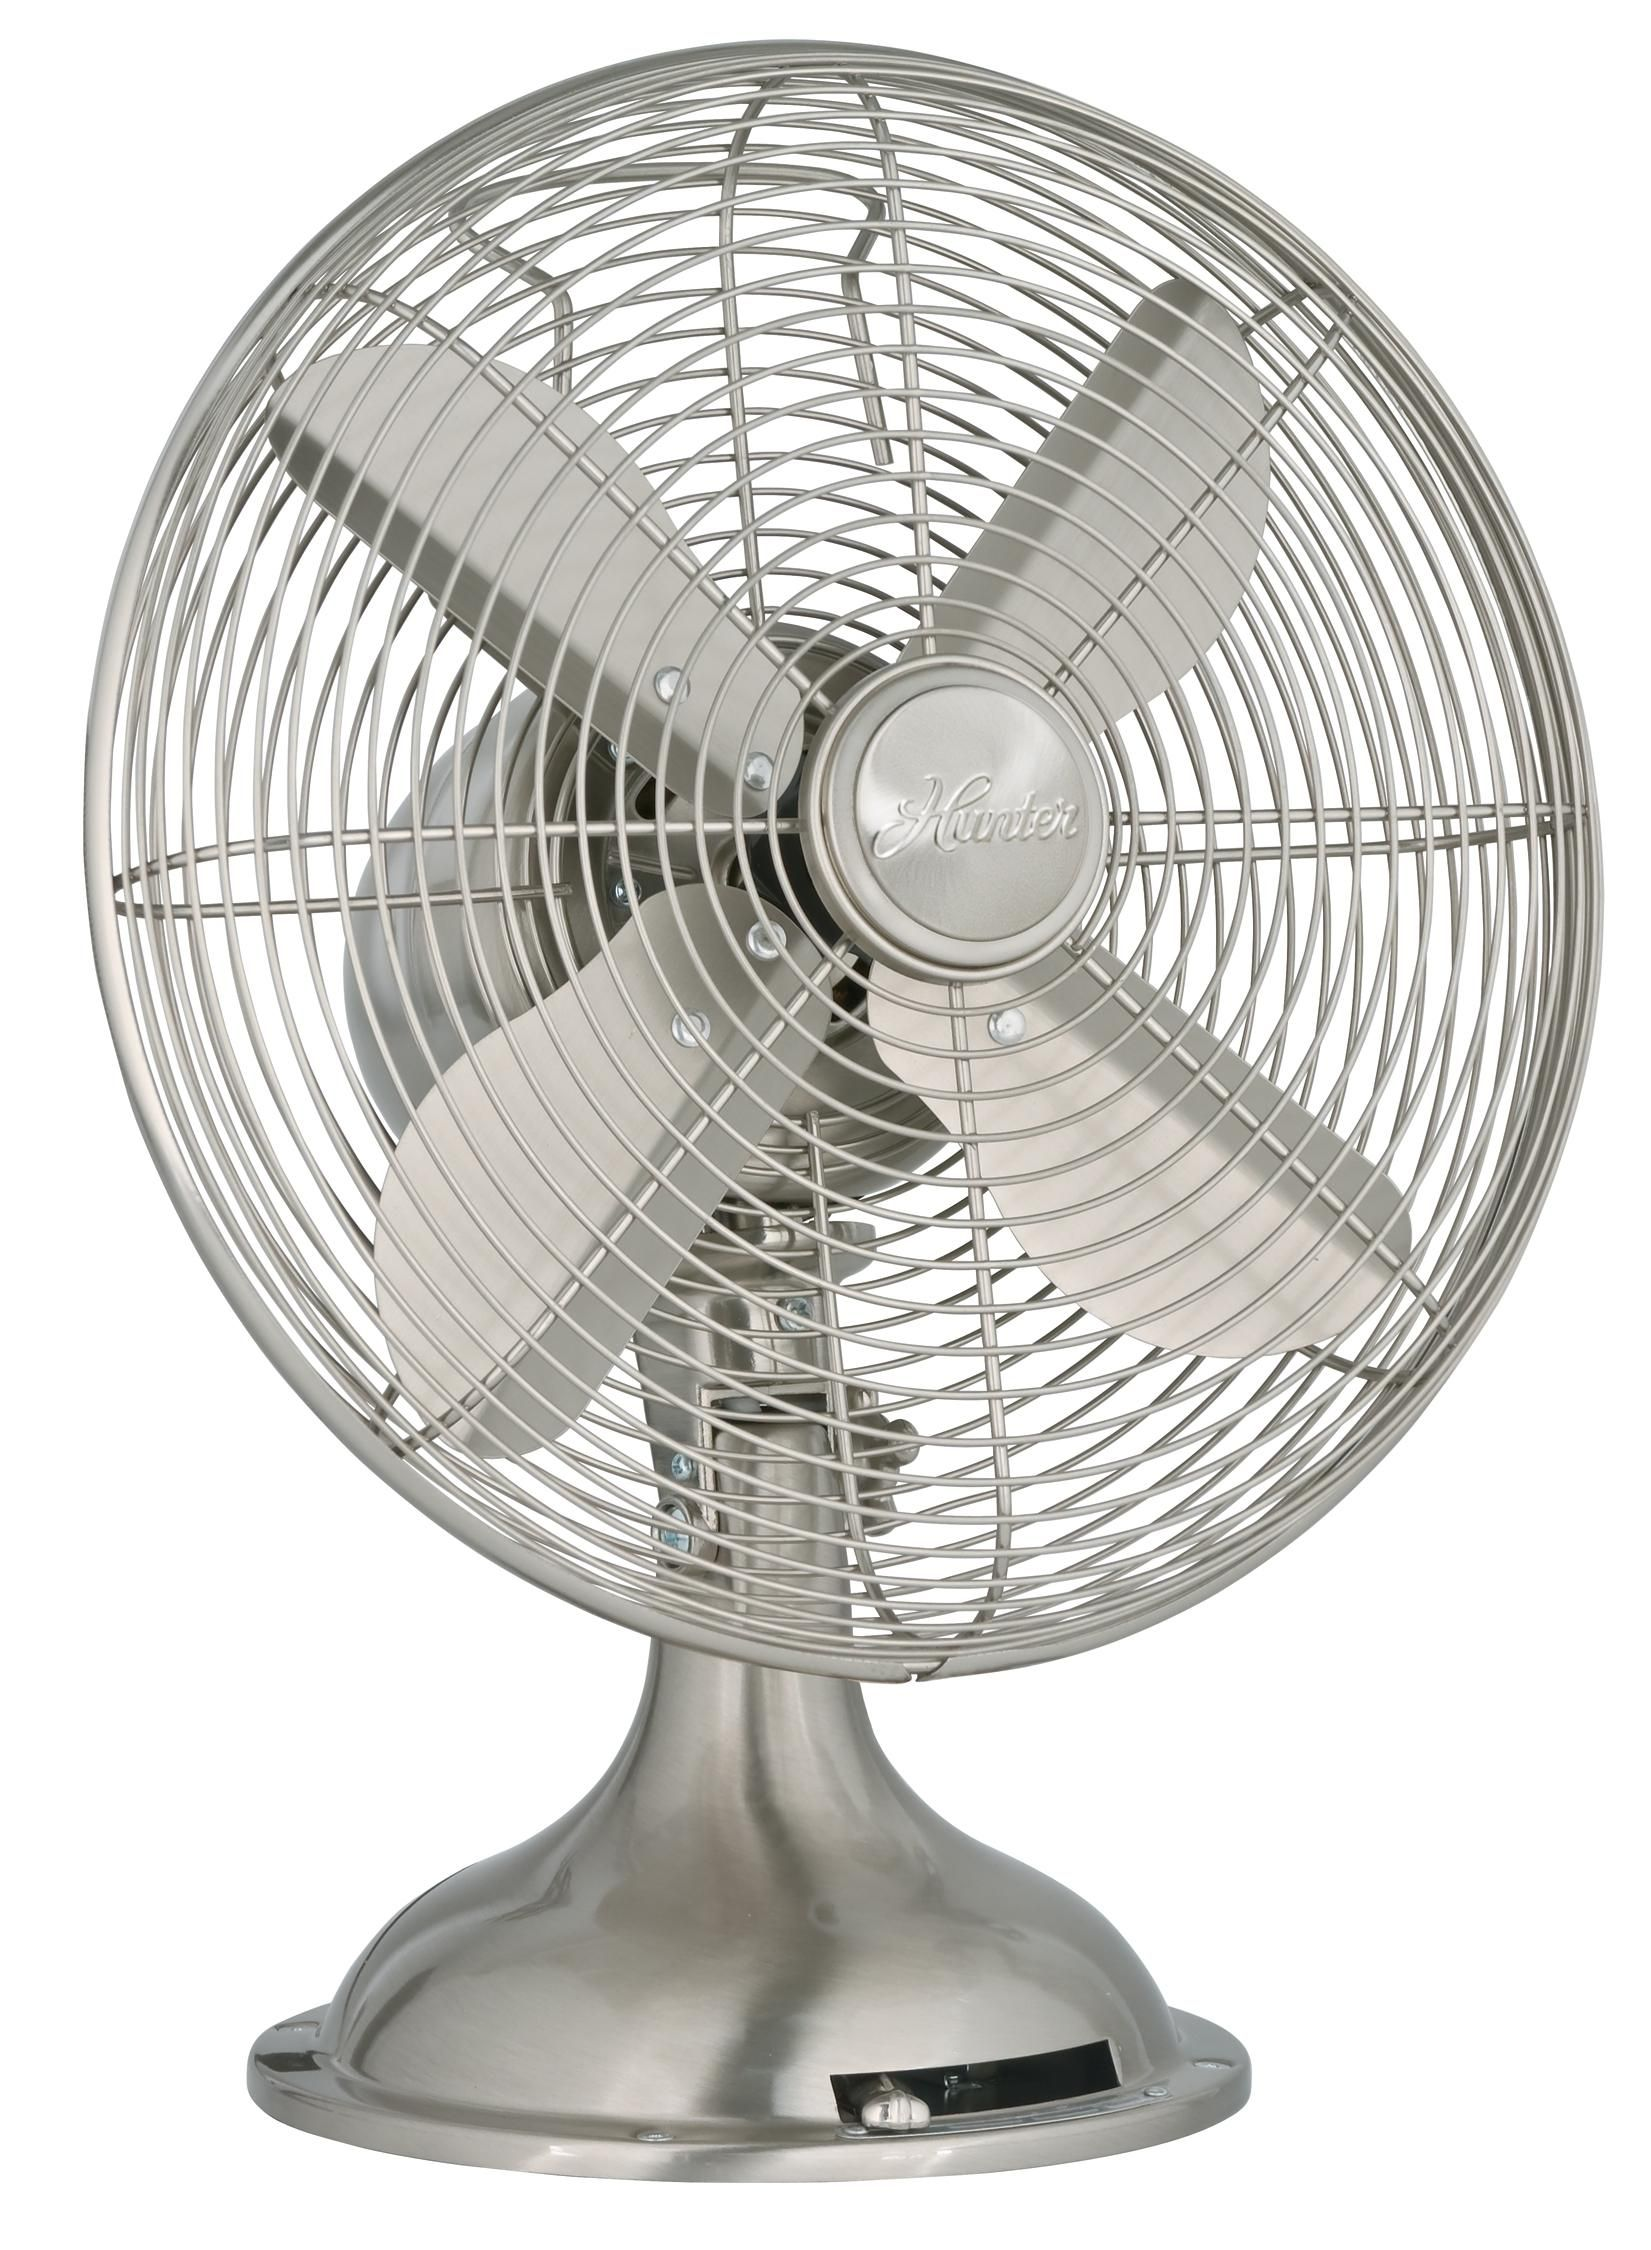 Captivating Table Fan, Best Table Fan, Fan, Fans, Table Fans, Oscillating Fan